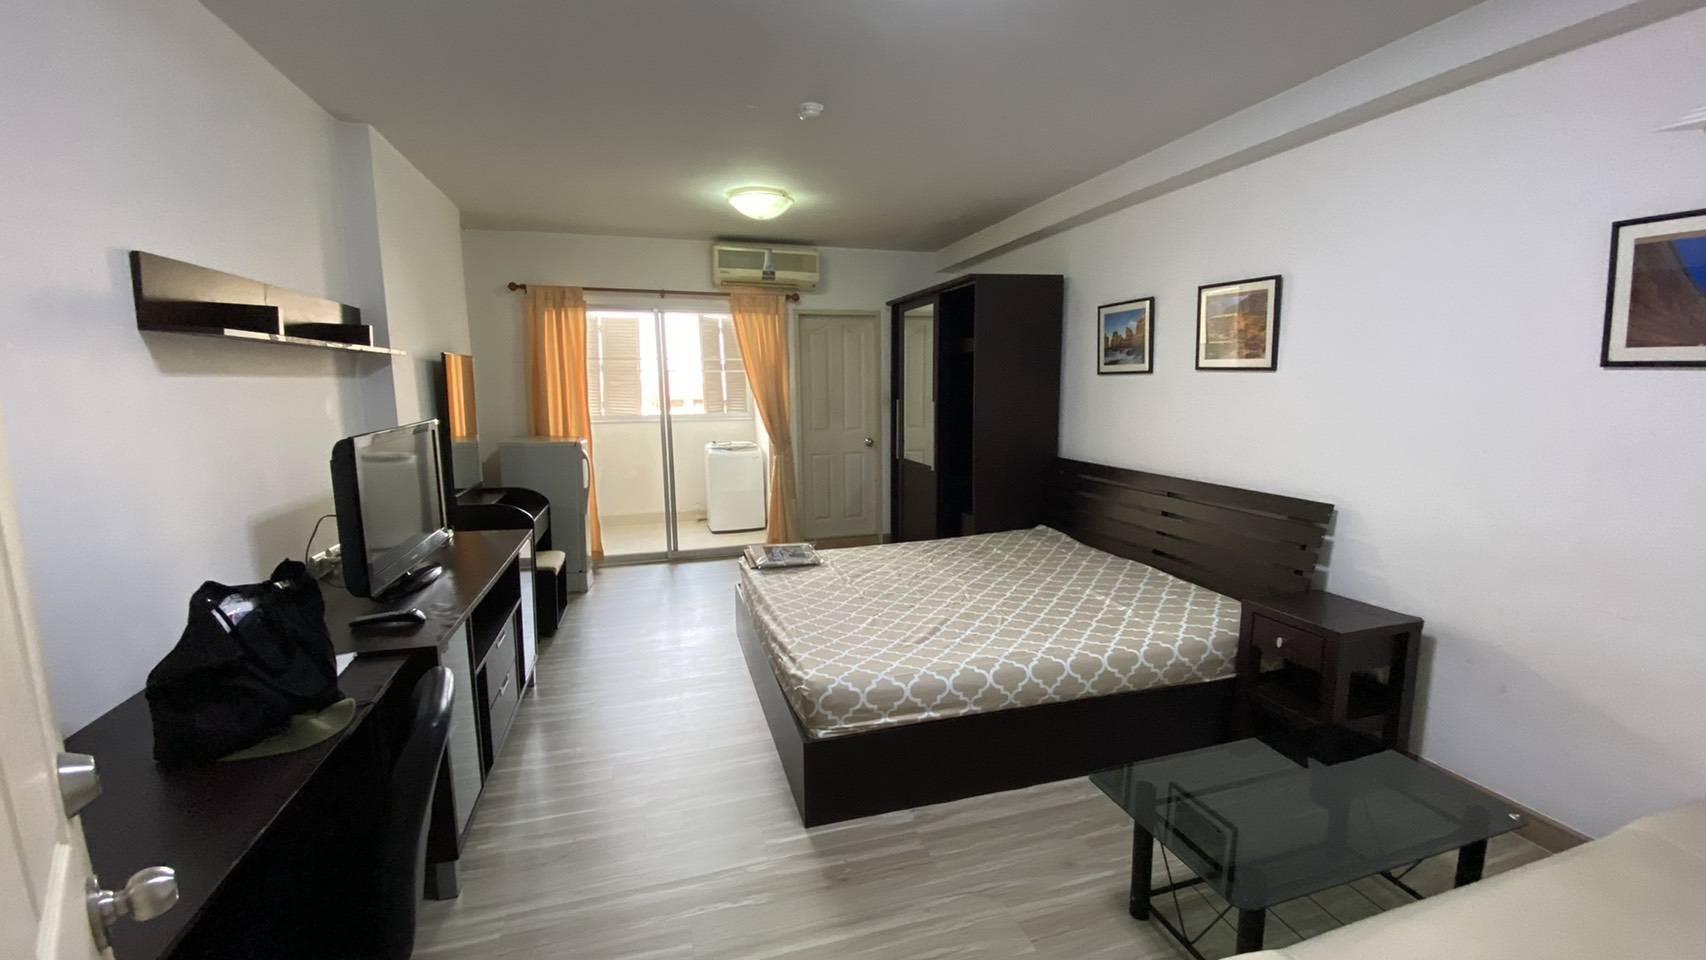 ห้องพัก เช่า คอนโด รัชดา สะดวก ปลอดภัย ใกล้รถไฟฟ้าใต้ดิน ห้างเดอะสตรีท บิ๊กซีรัชดา